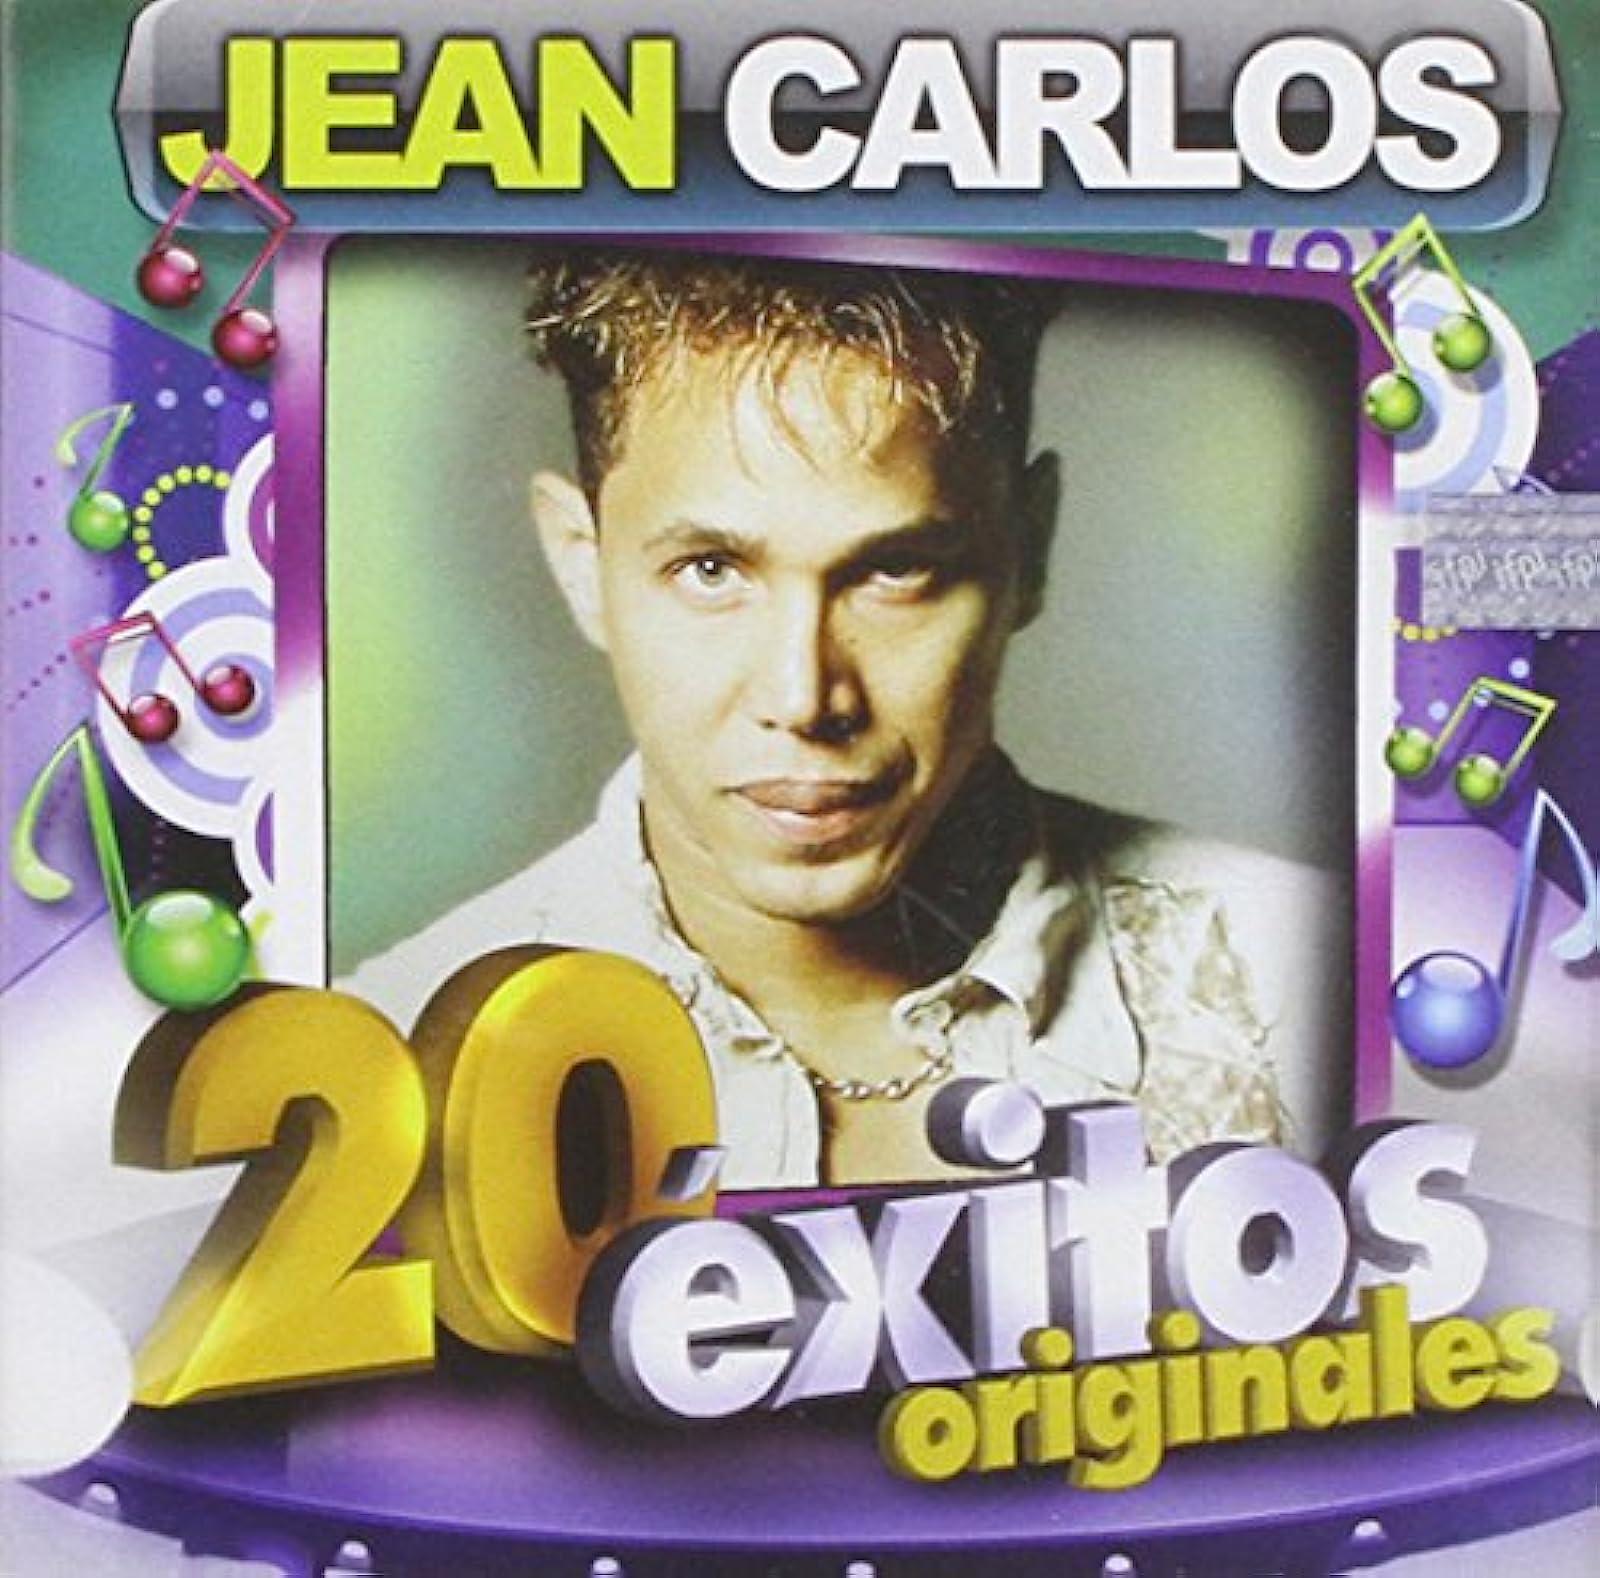 20 Exitos Originales By Carlos Jean On Audio CD Album 2011